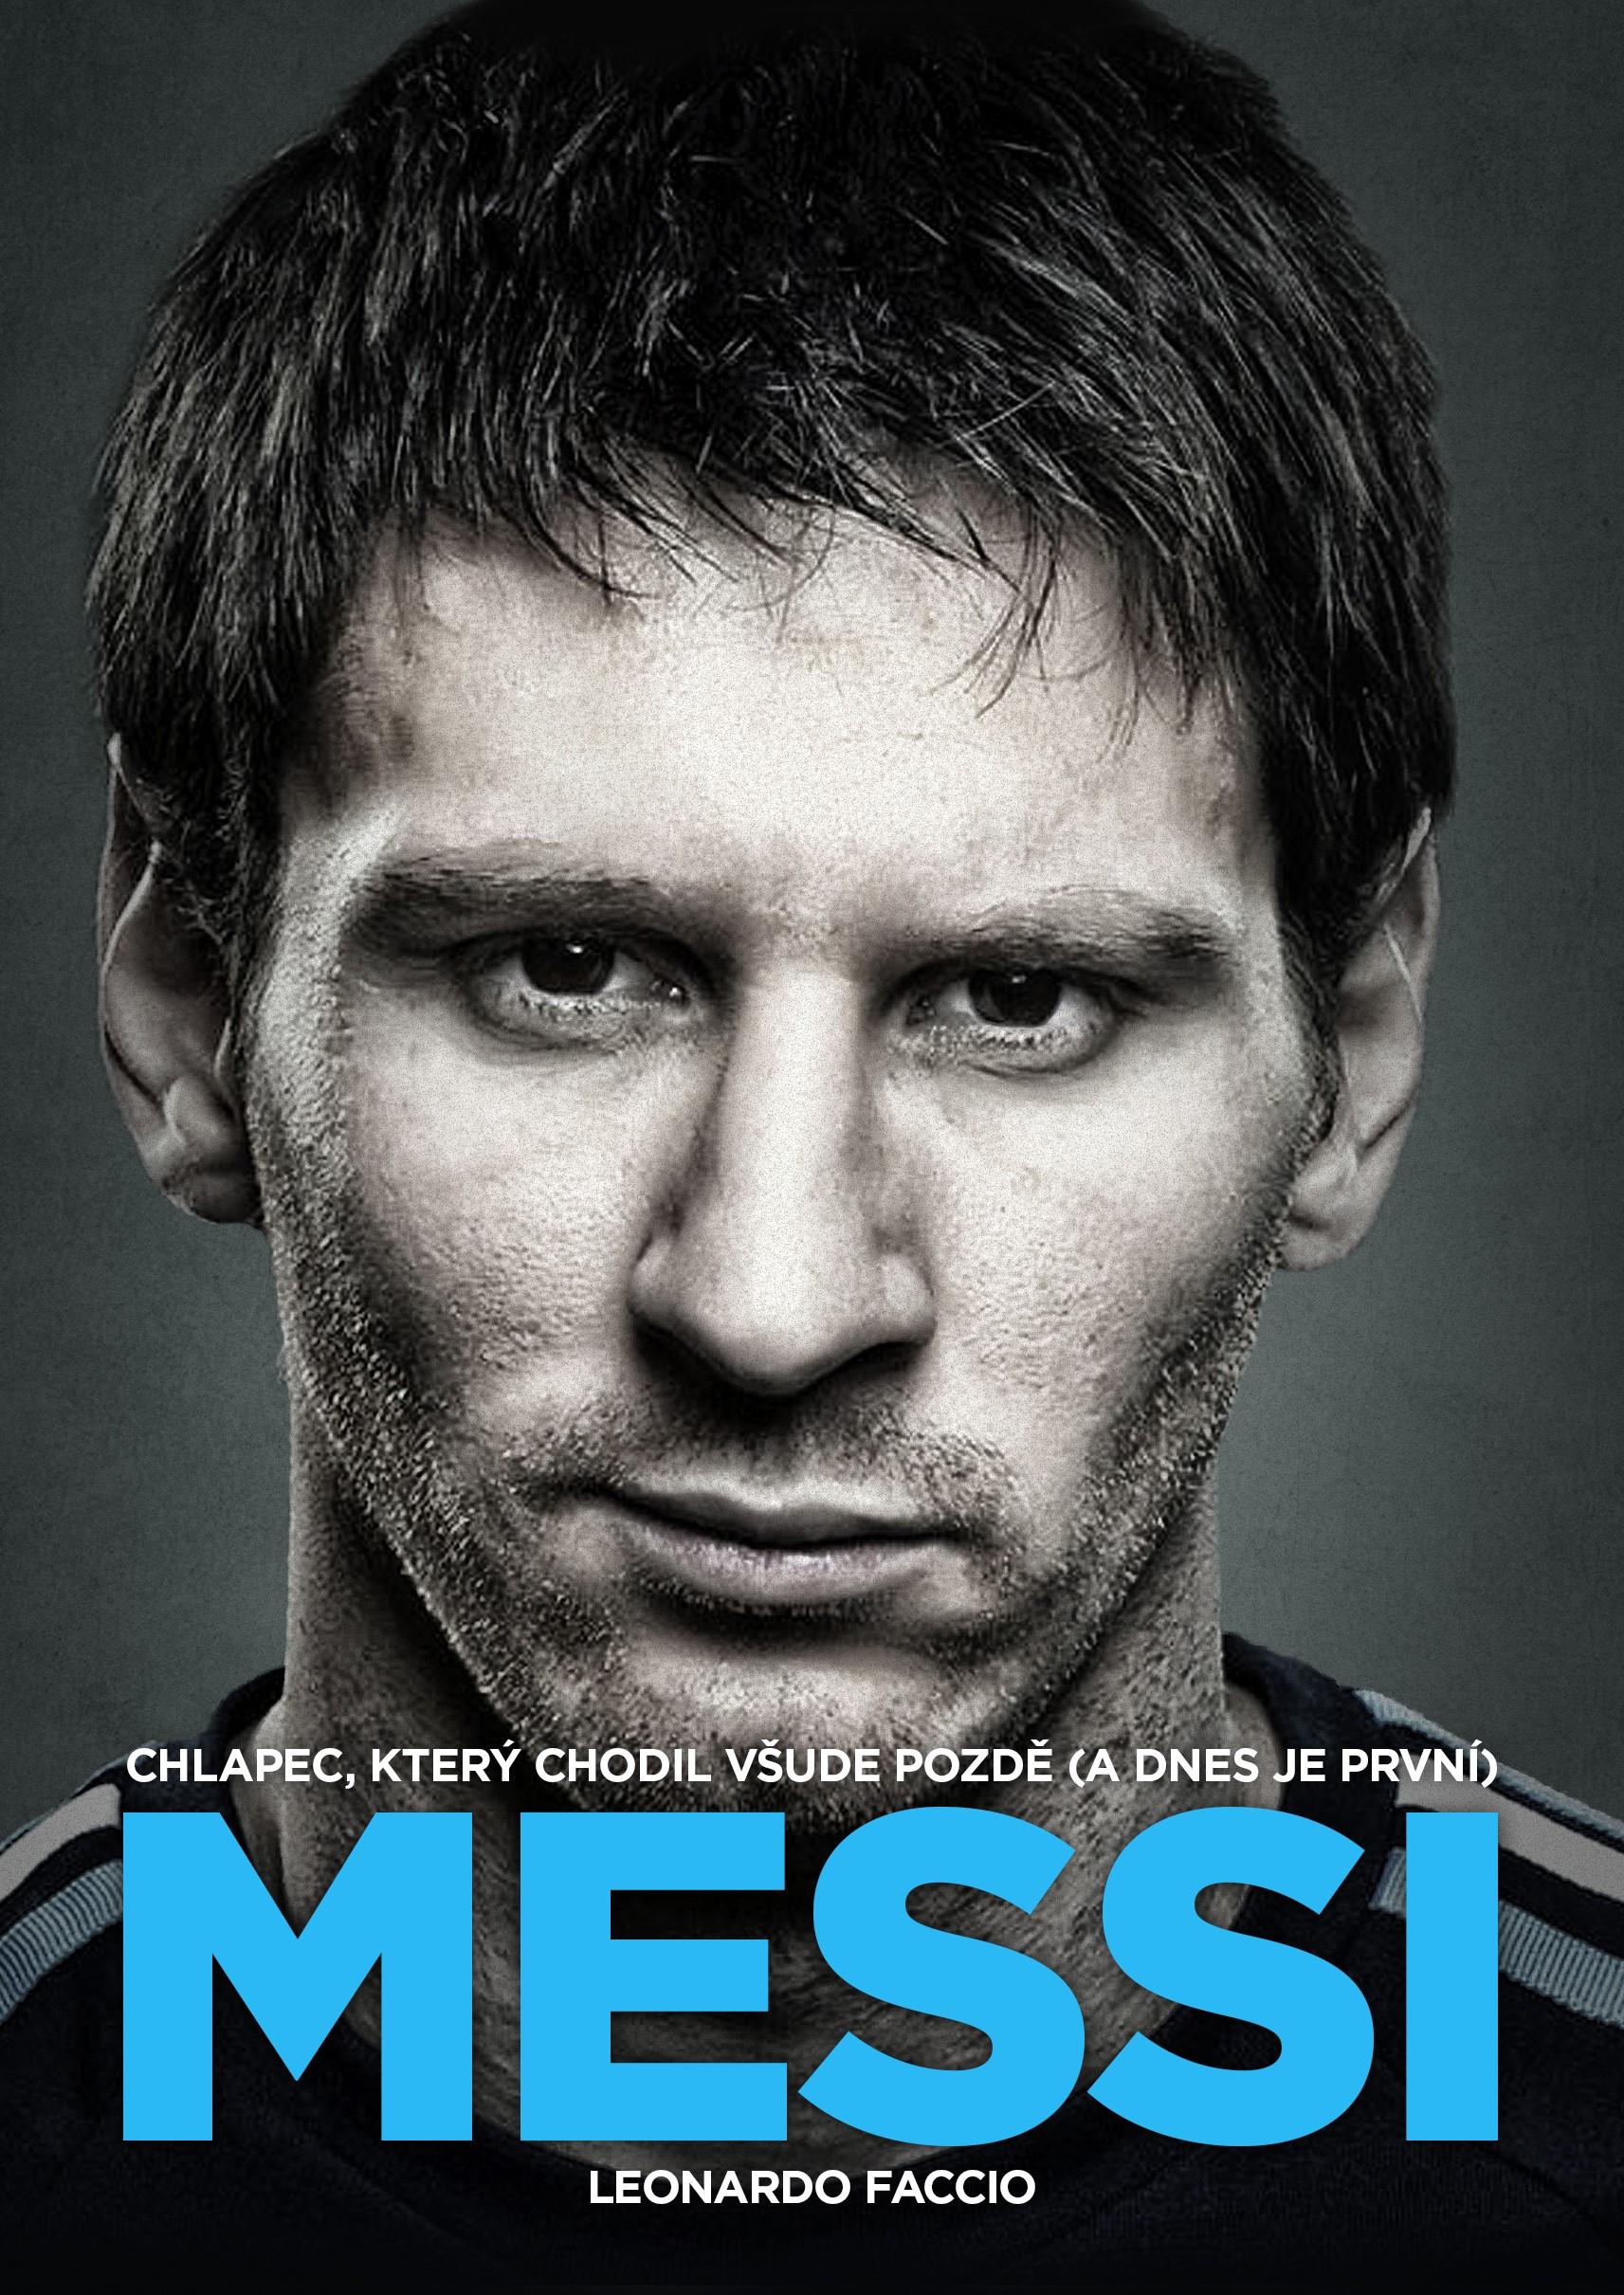 Messi: Chlapec, který chodil všude pozdě (a dnes je první)   Leonardo Faccio